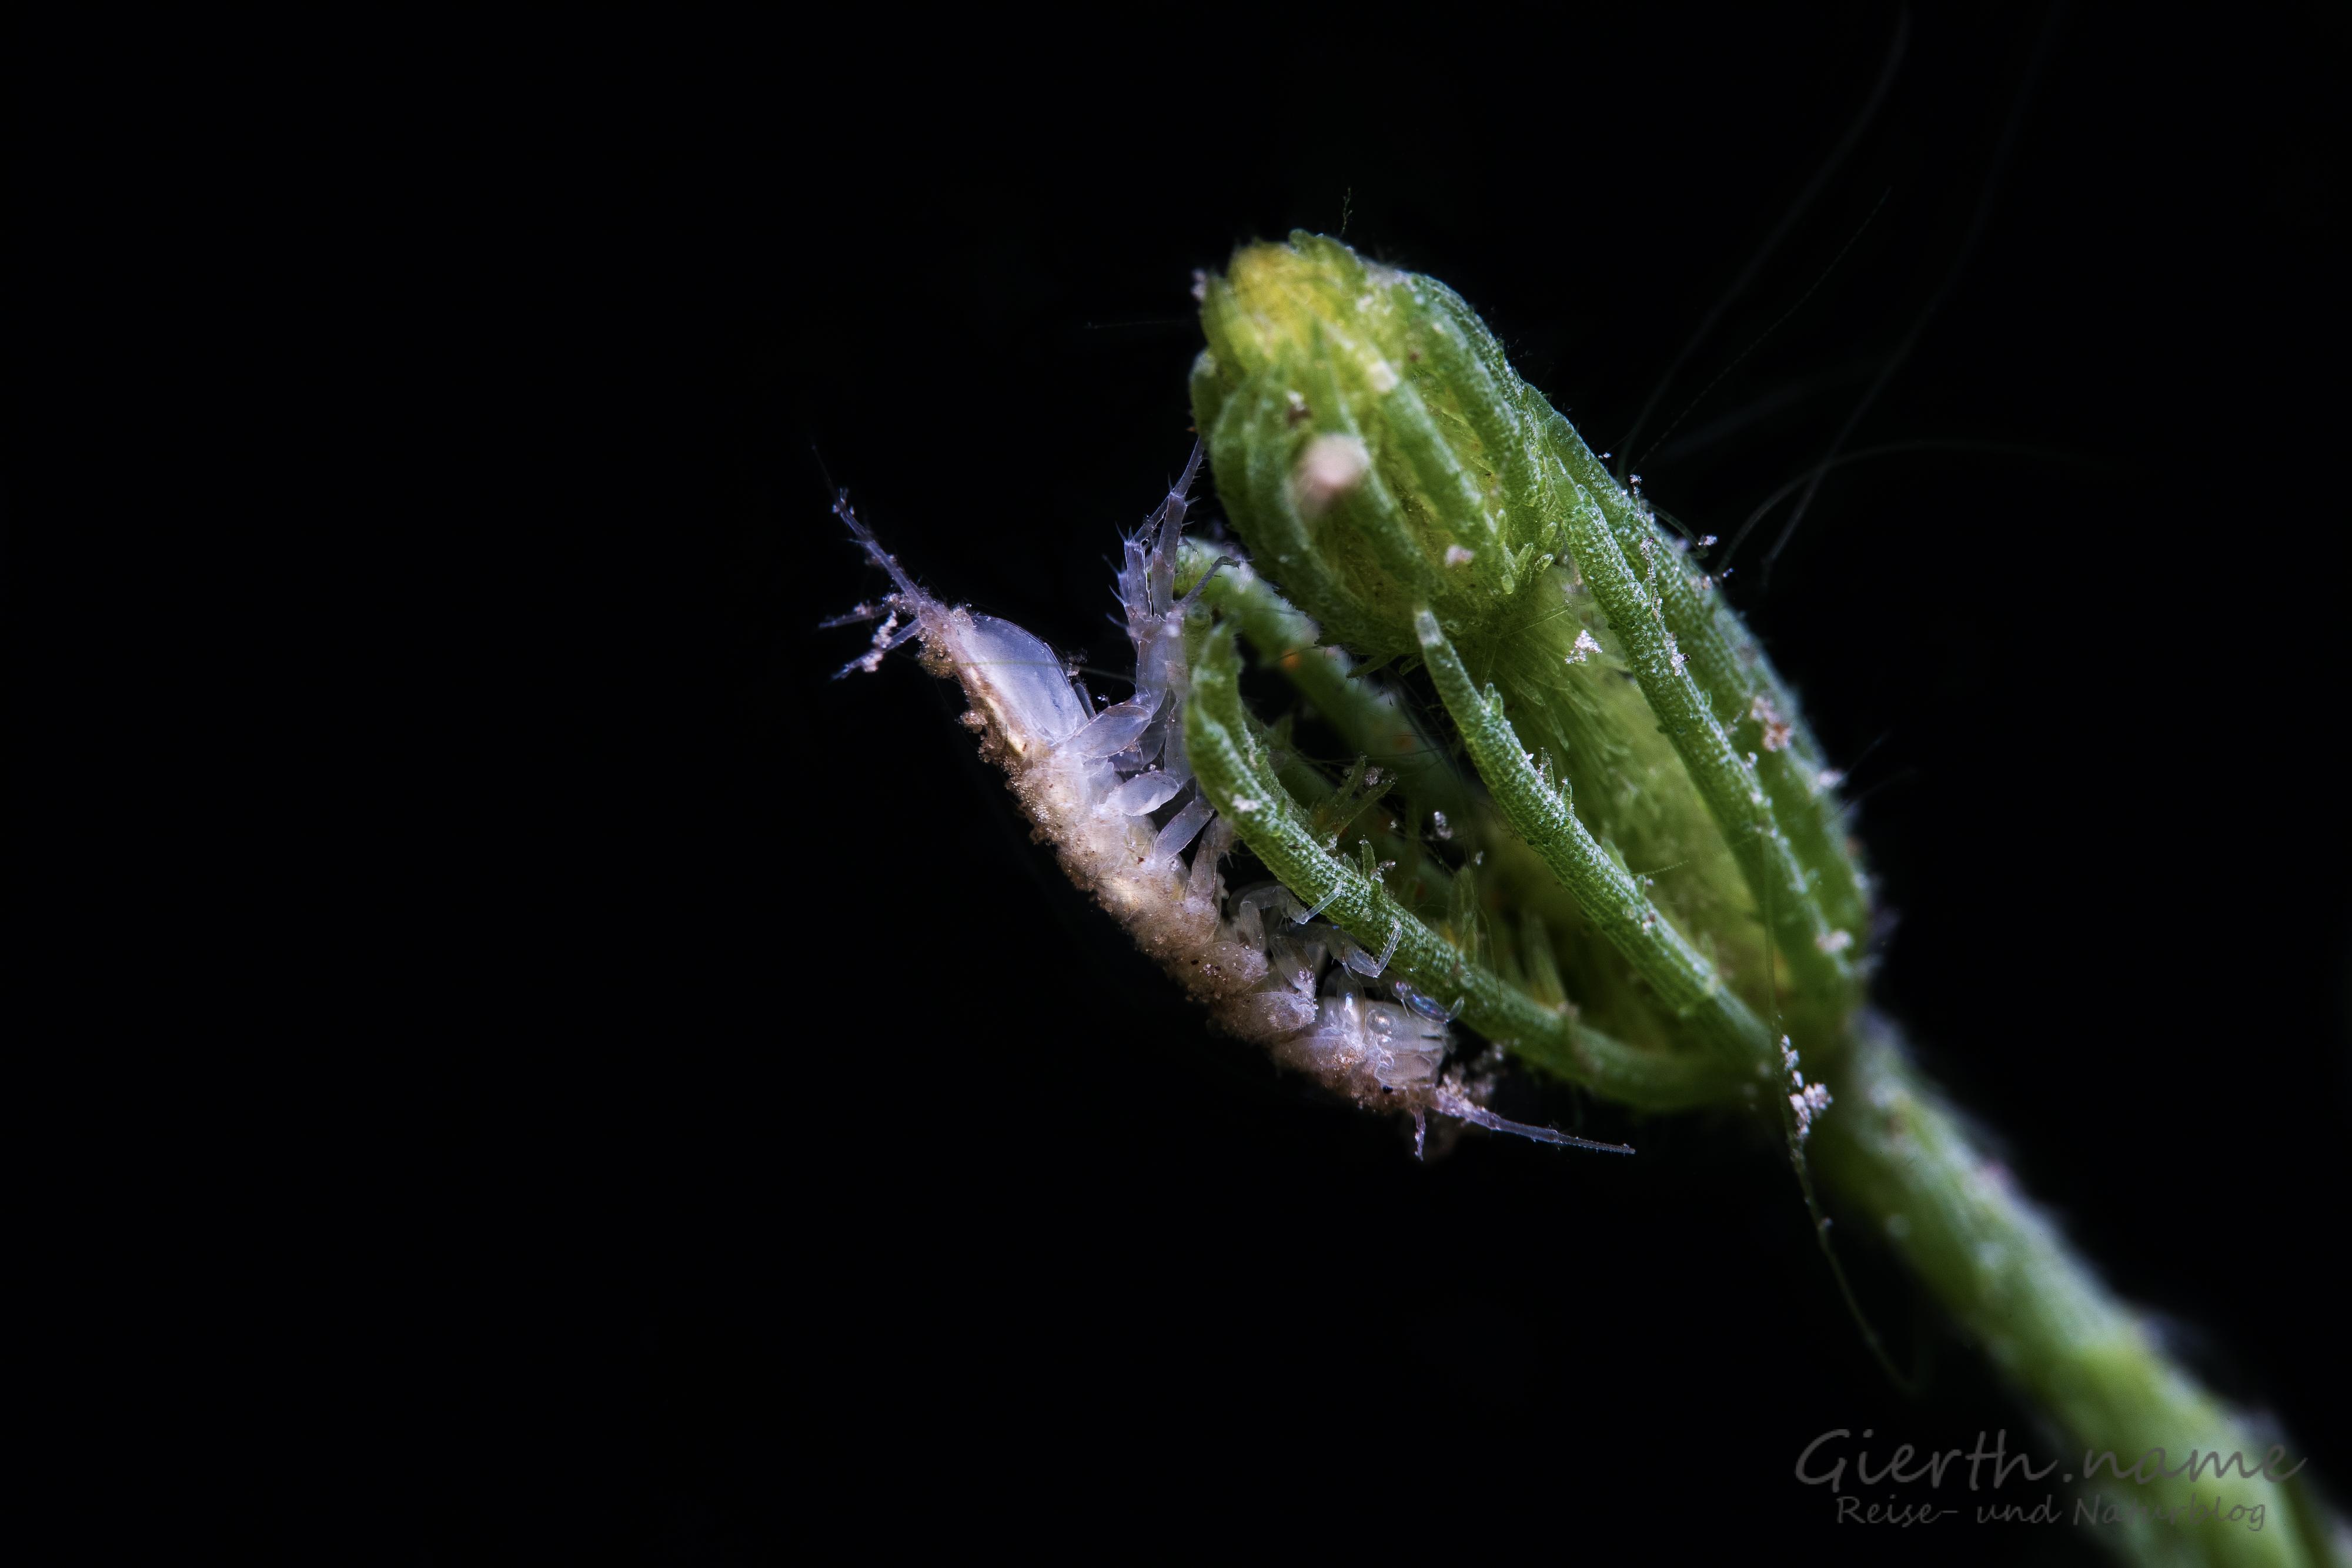 Süßwasser-Critters - Fresh water critters